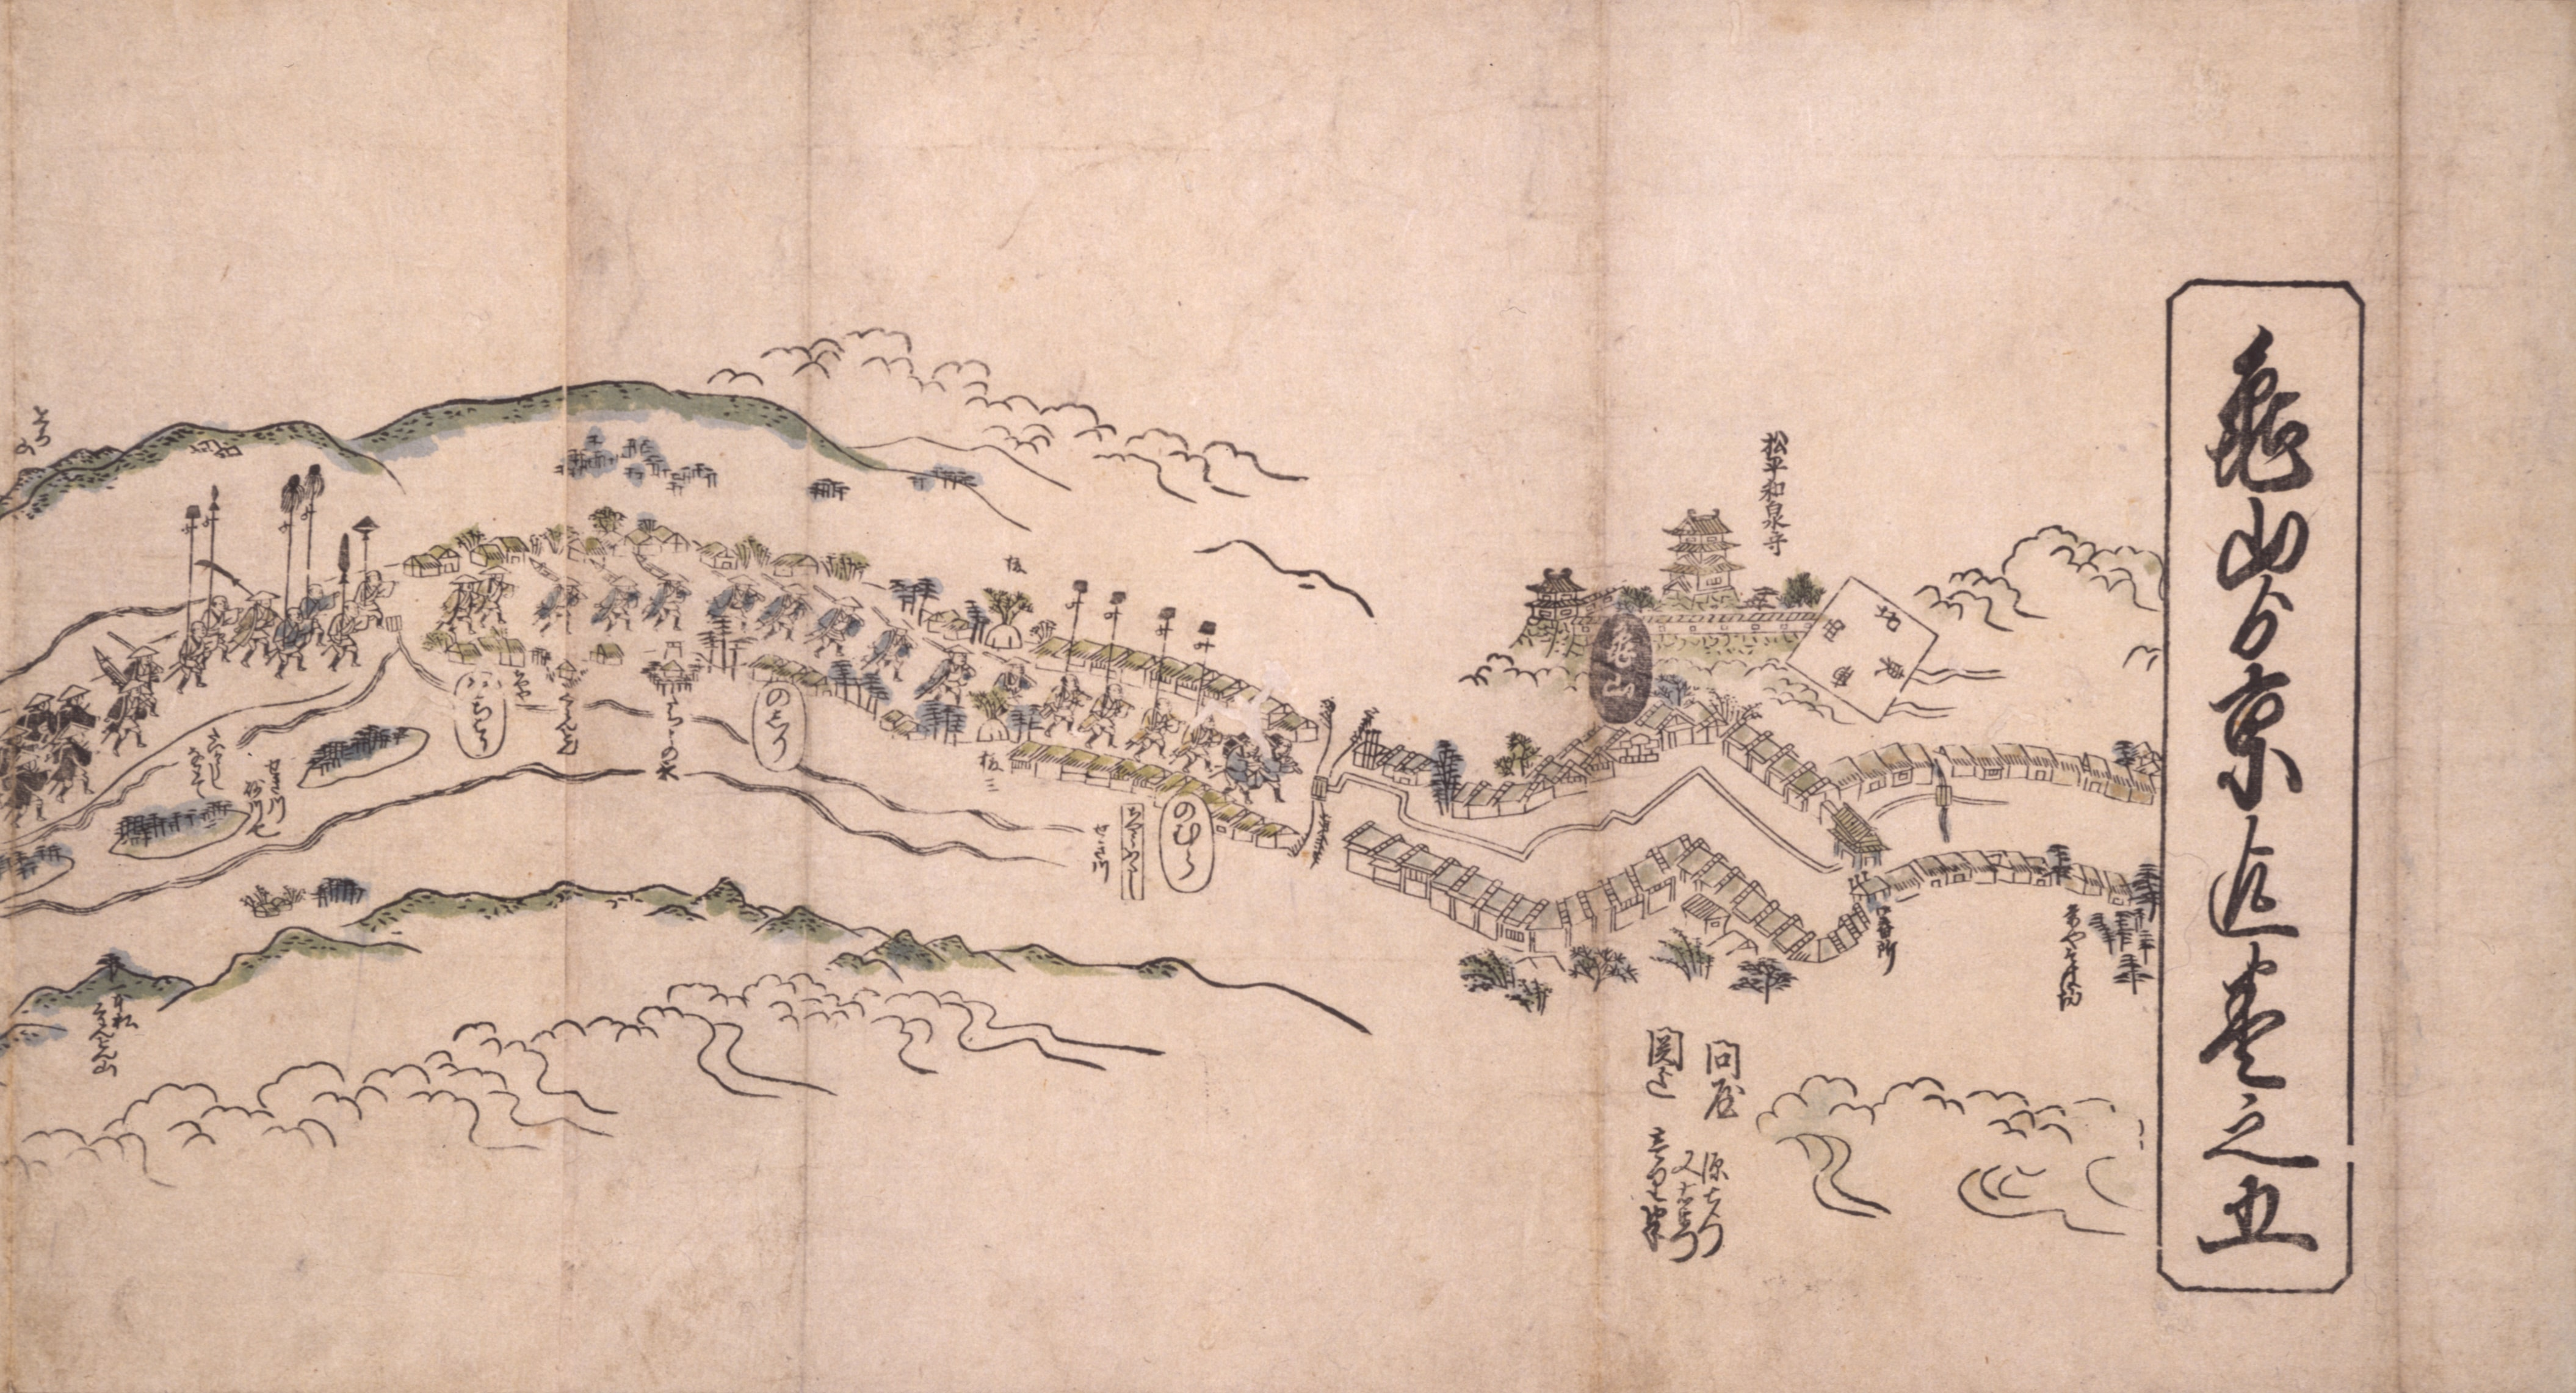 東海道分間之図 六十八